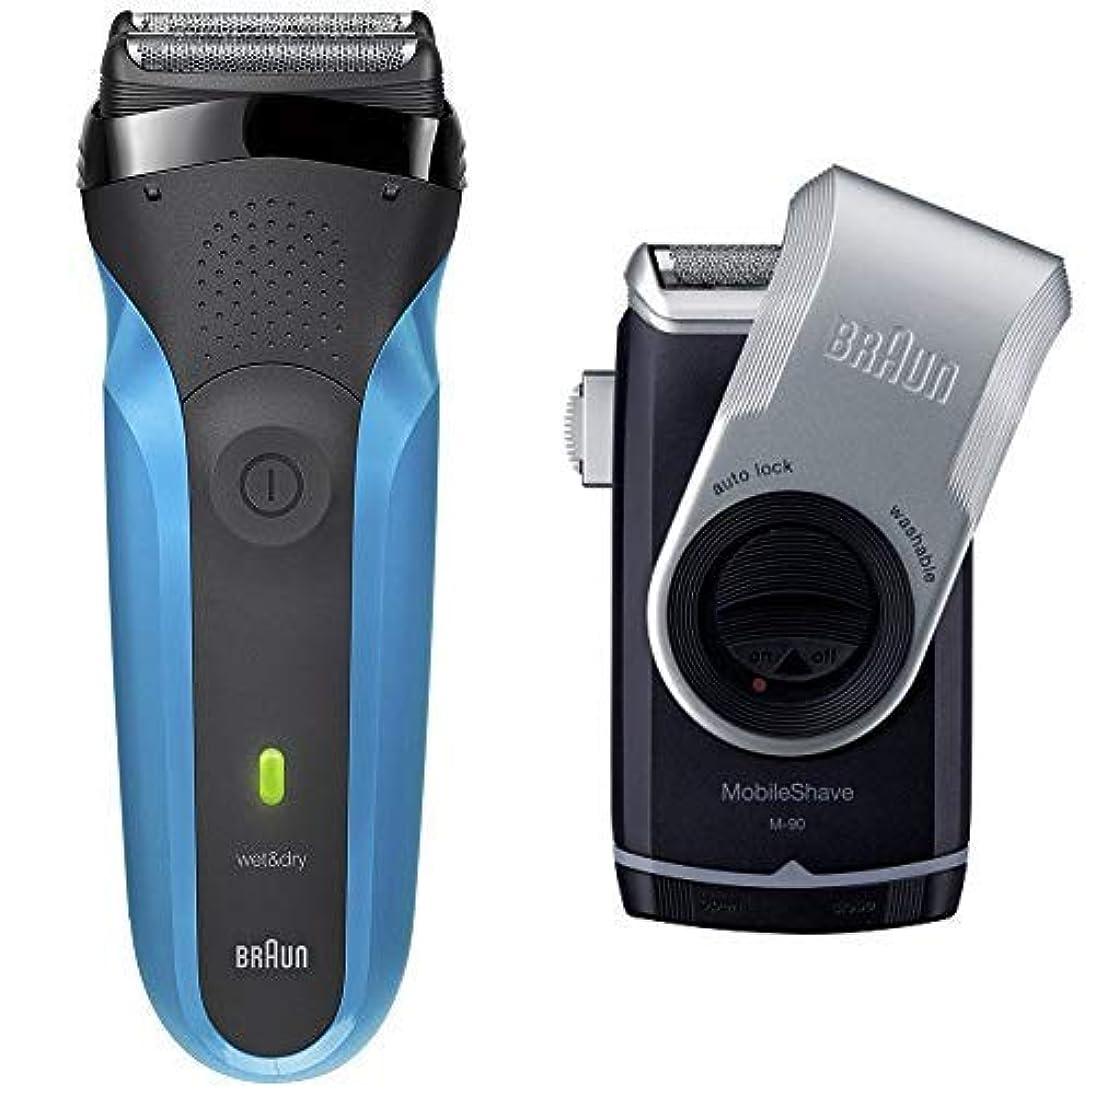 プレフィックス遠洋のブラウン メンズ電気シェーバー シリーズ3 310s 3枚刃 水洗い/お風呂剃り可 & モバイルメンズ電気シェーバー M-90 水洗い可